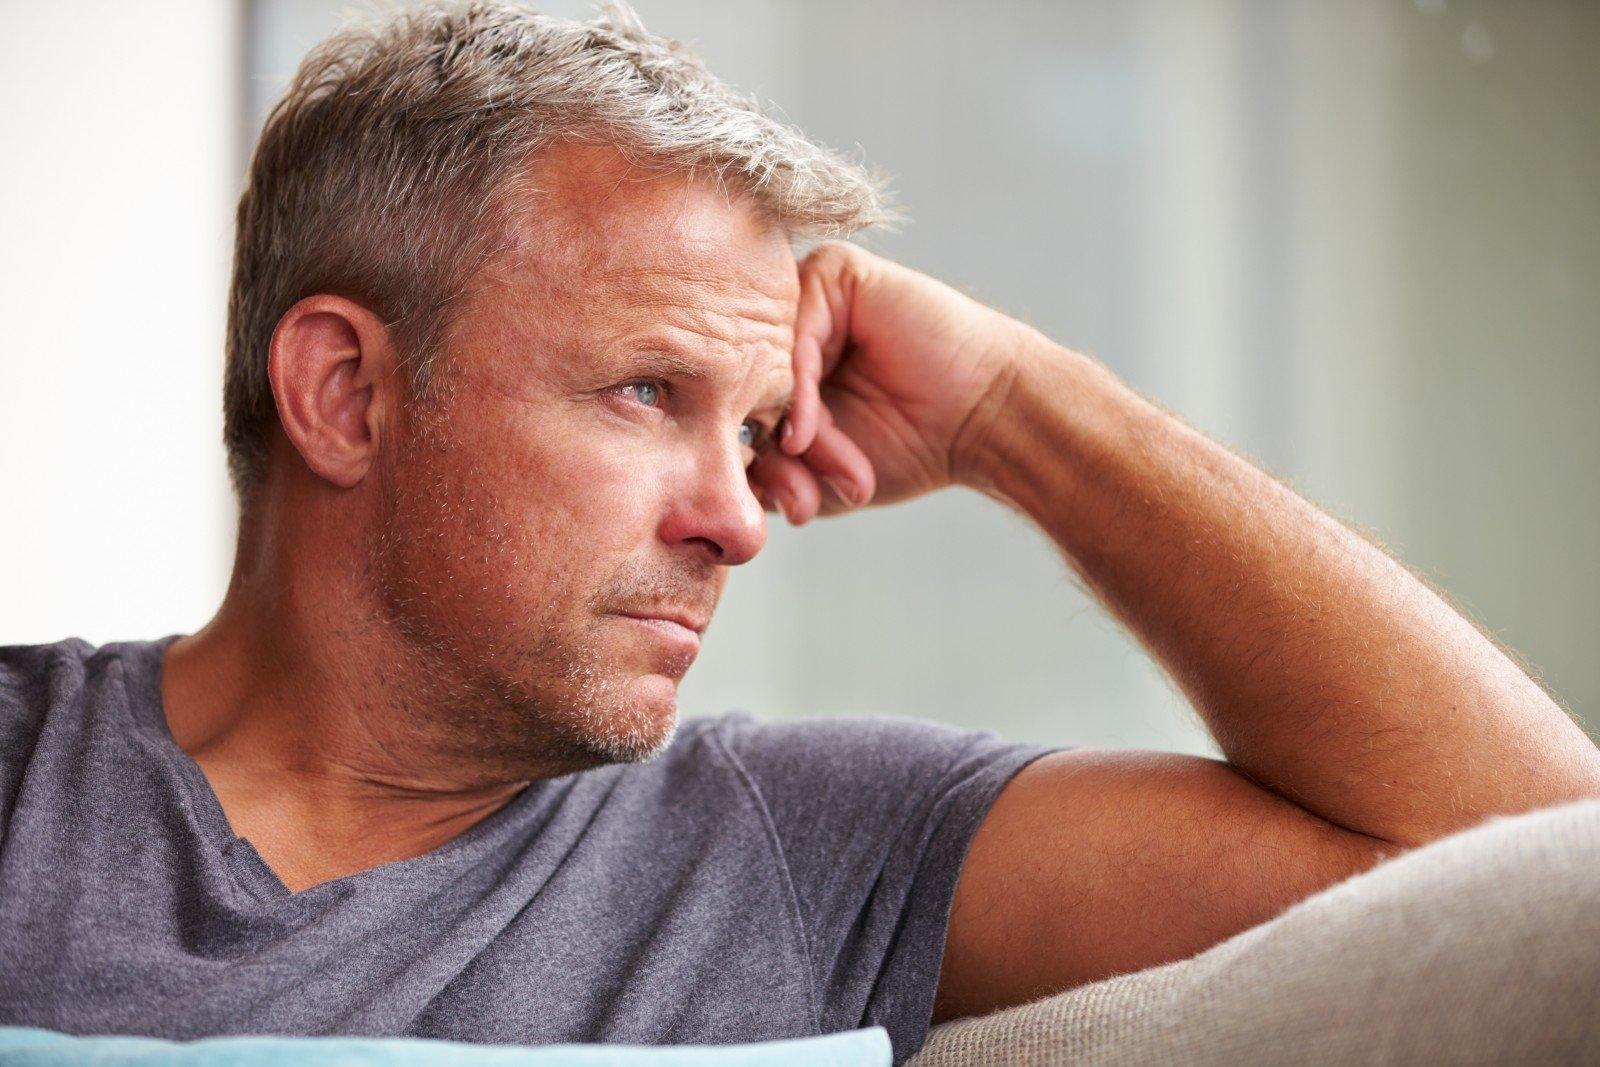 iki kokio amžiaus varpos auga vyrams kaip padidinti nari jei jis yra 20